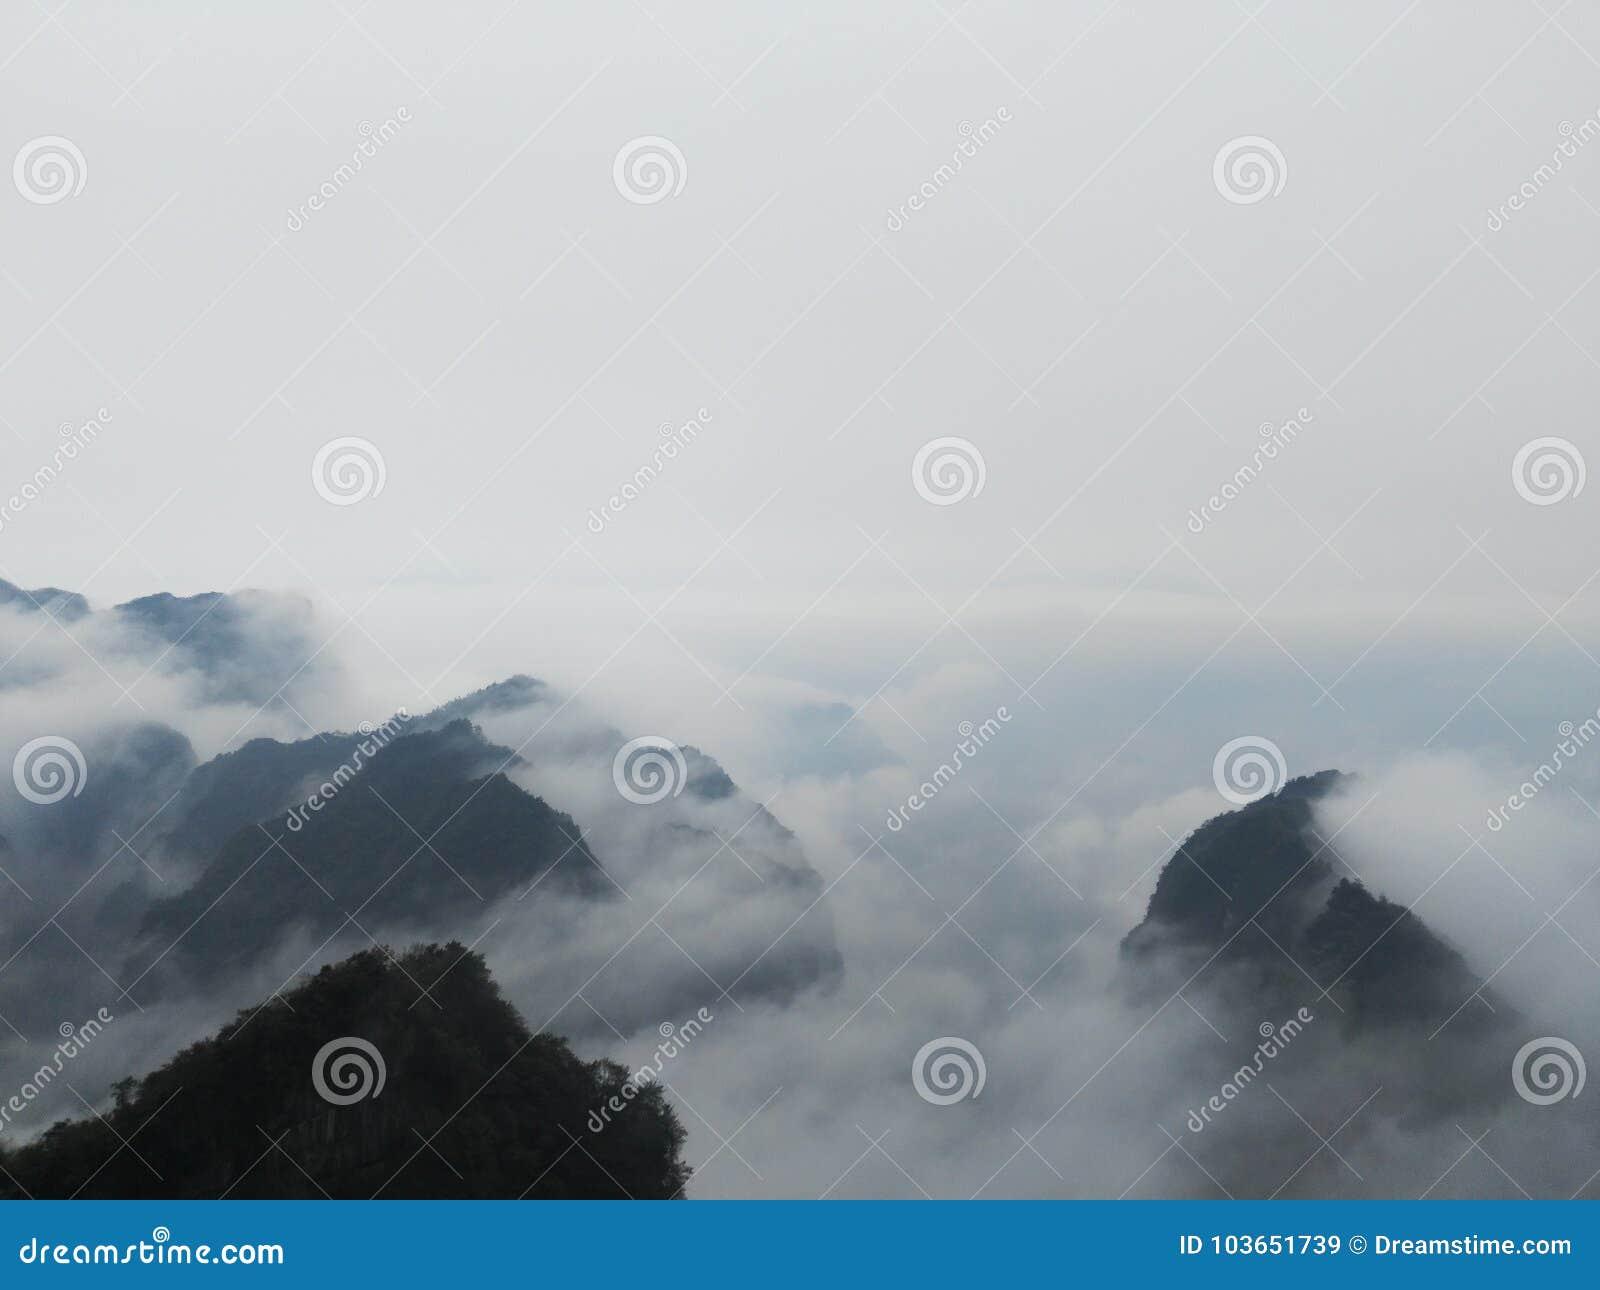 天门妙境,张家界,湖南,中国, Asia〠'